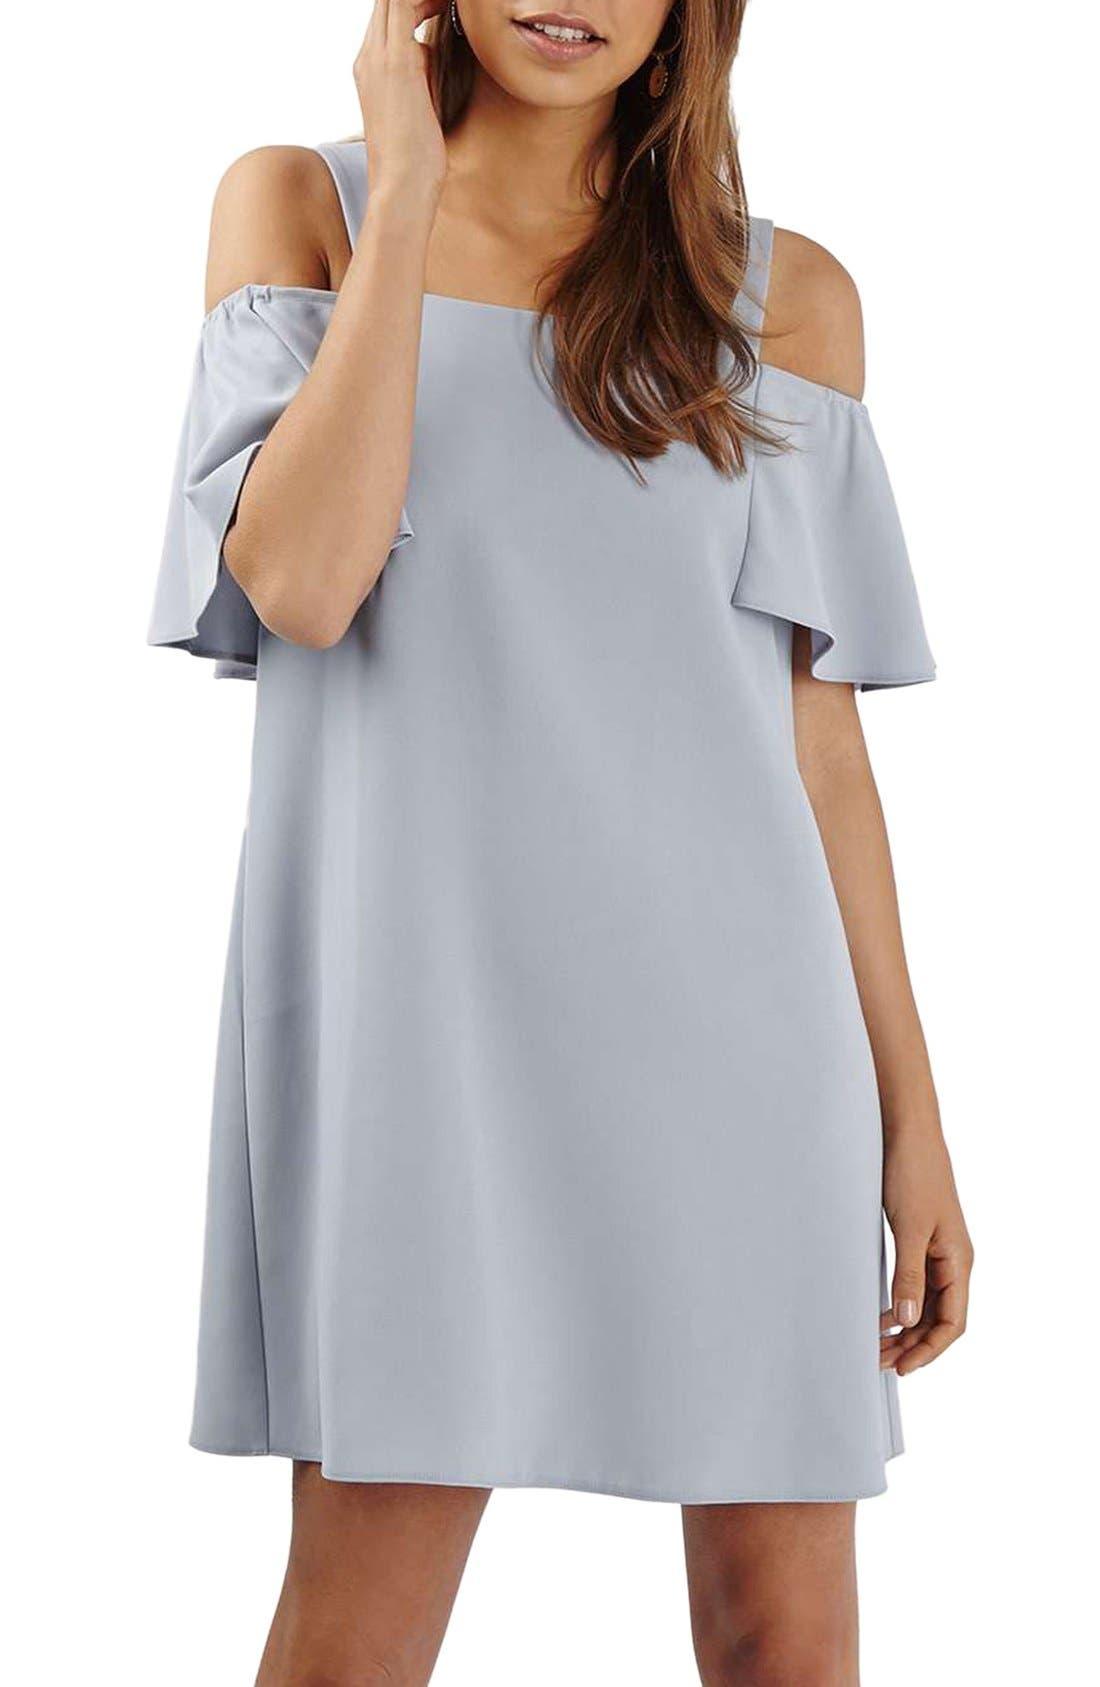 TOPSHOP,                             Cold Shoulder Shift Dress,                             Alternate thumbnail 4, color,                             050